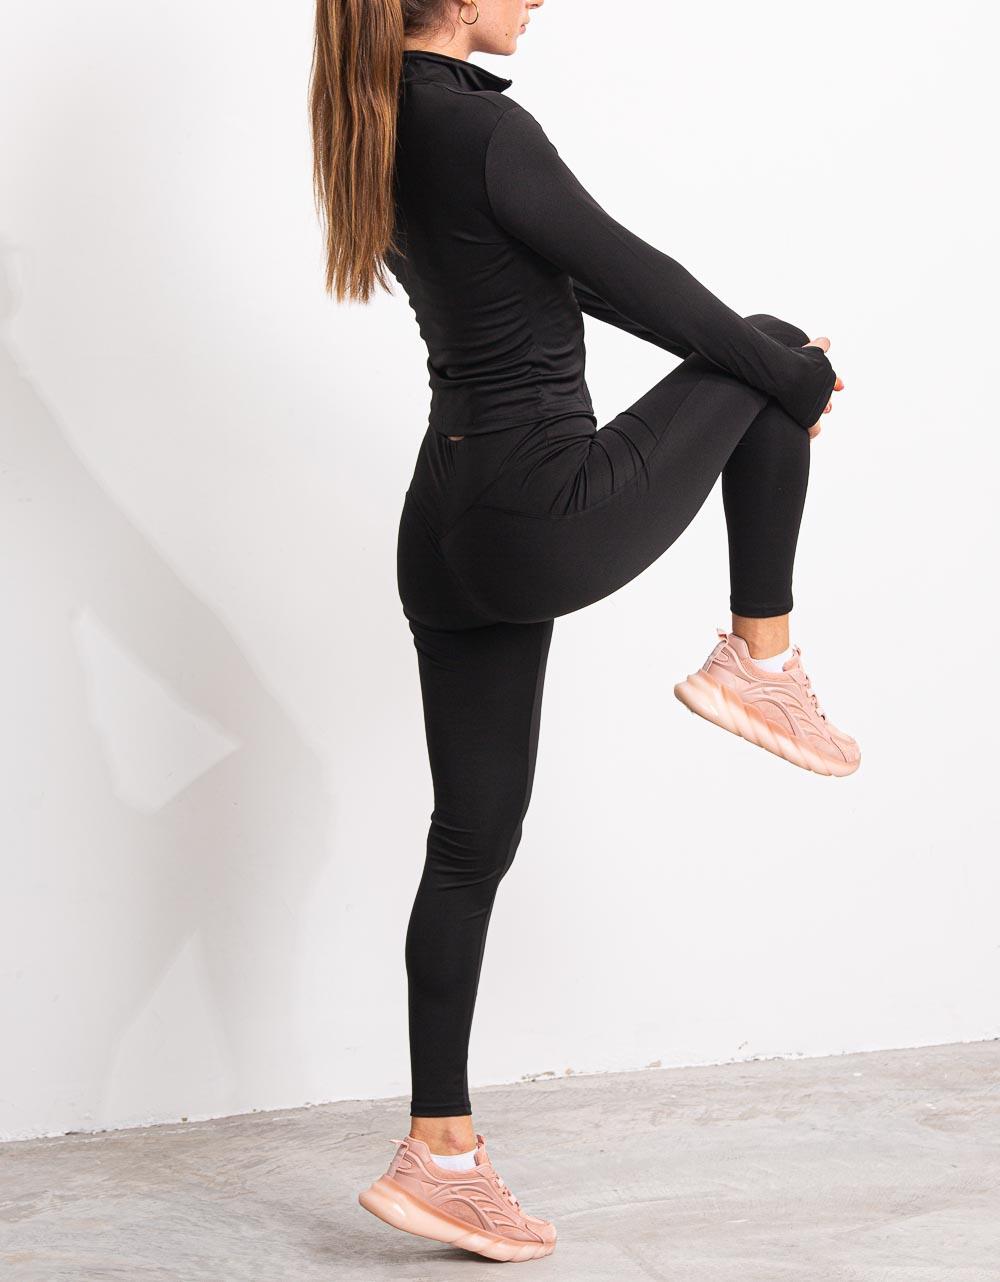 Εικόνα από Γυναικείο αθλητικό σετ  3 τεμαχίων Μαύρο